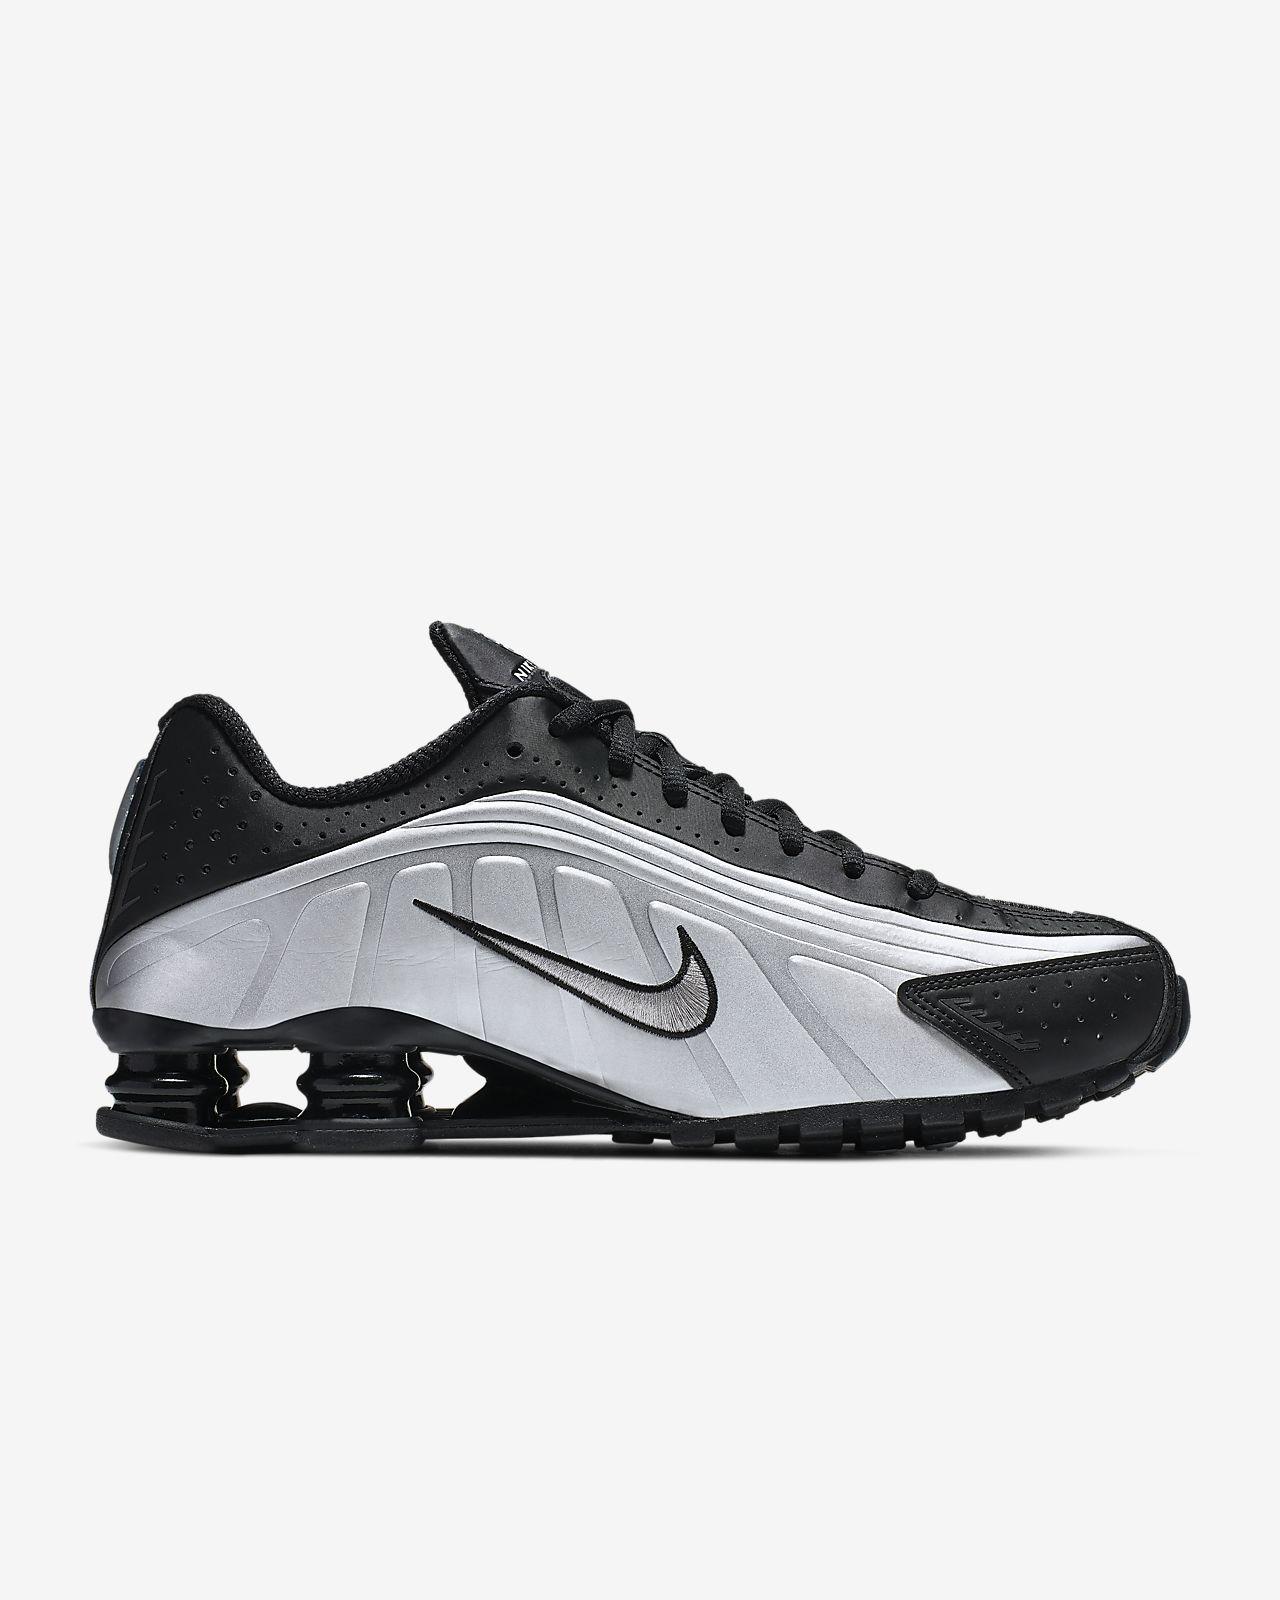 chaussures de séparation 17c3b 8ef5b R4 Pour Nike Chaussure Homme Shox 5qcRj3AL4